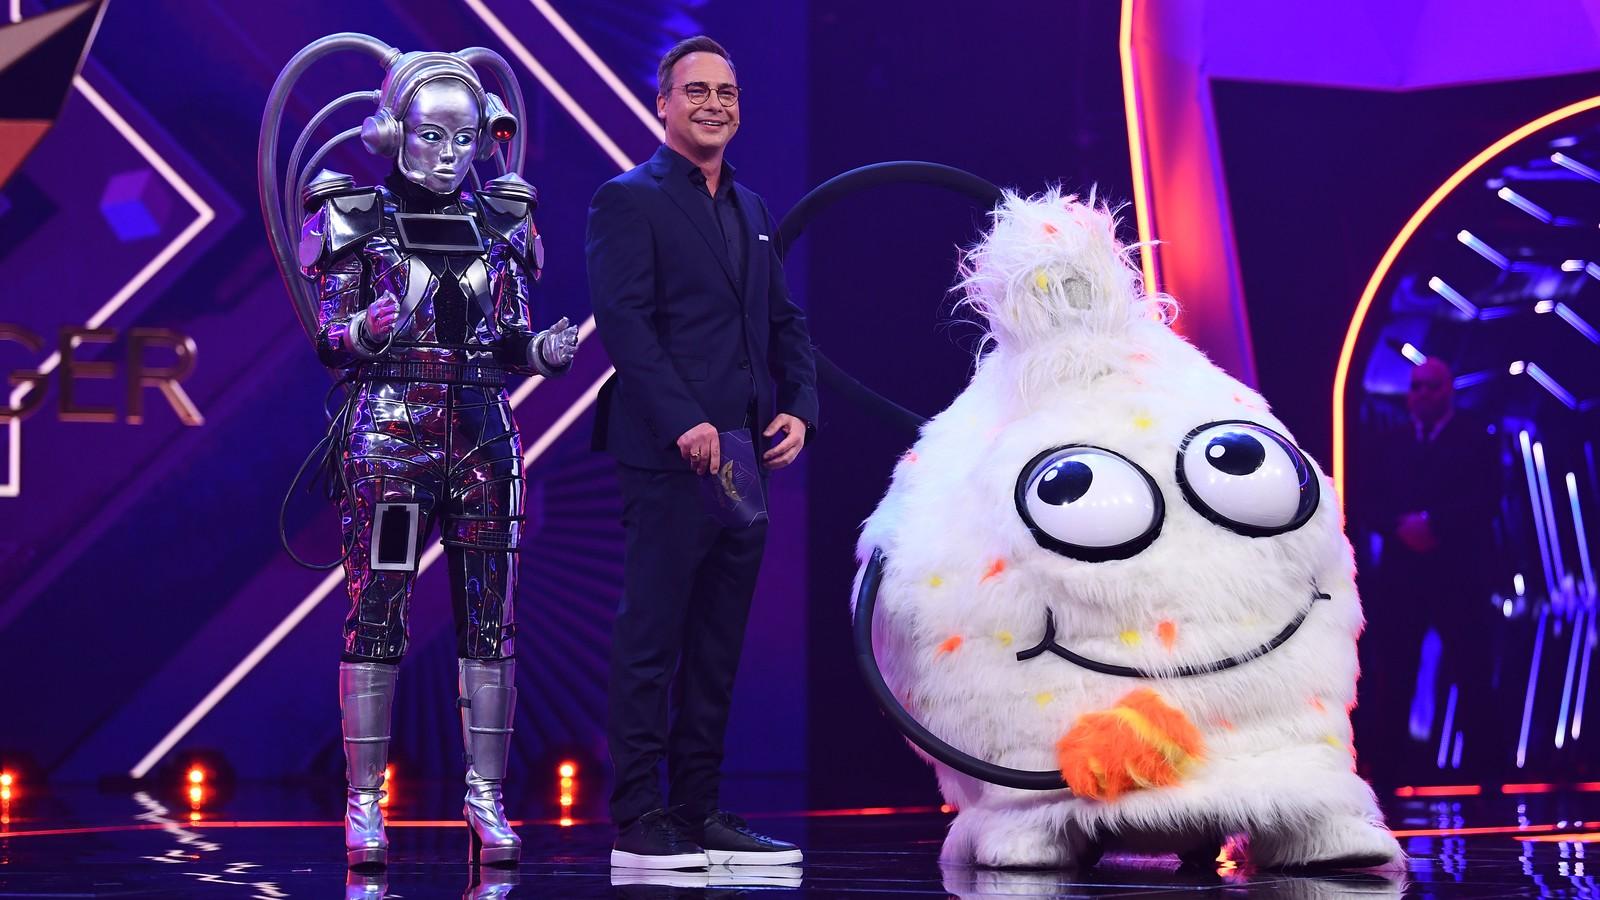 Der Roboter und der Wuschel